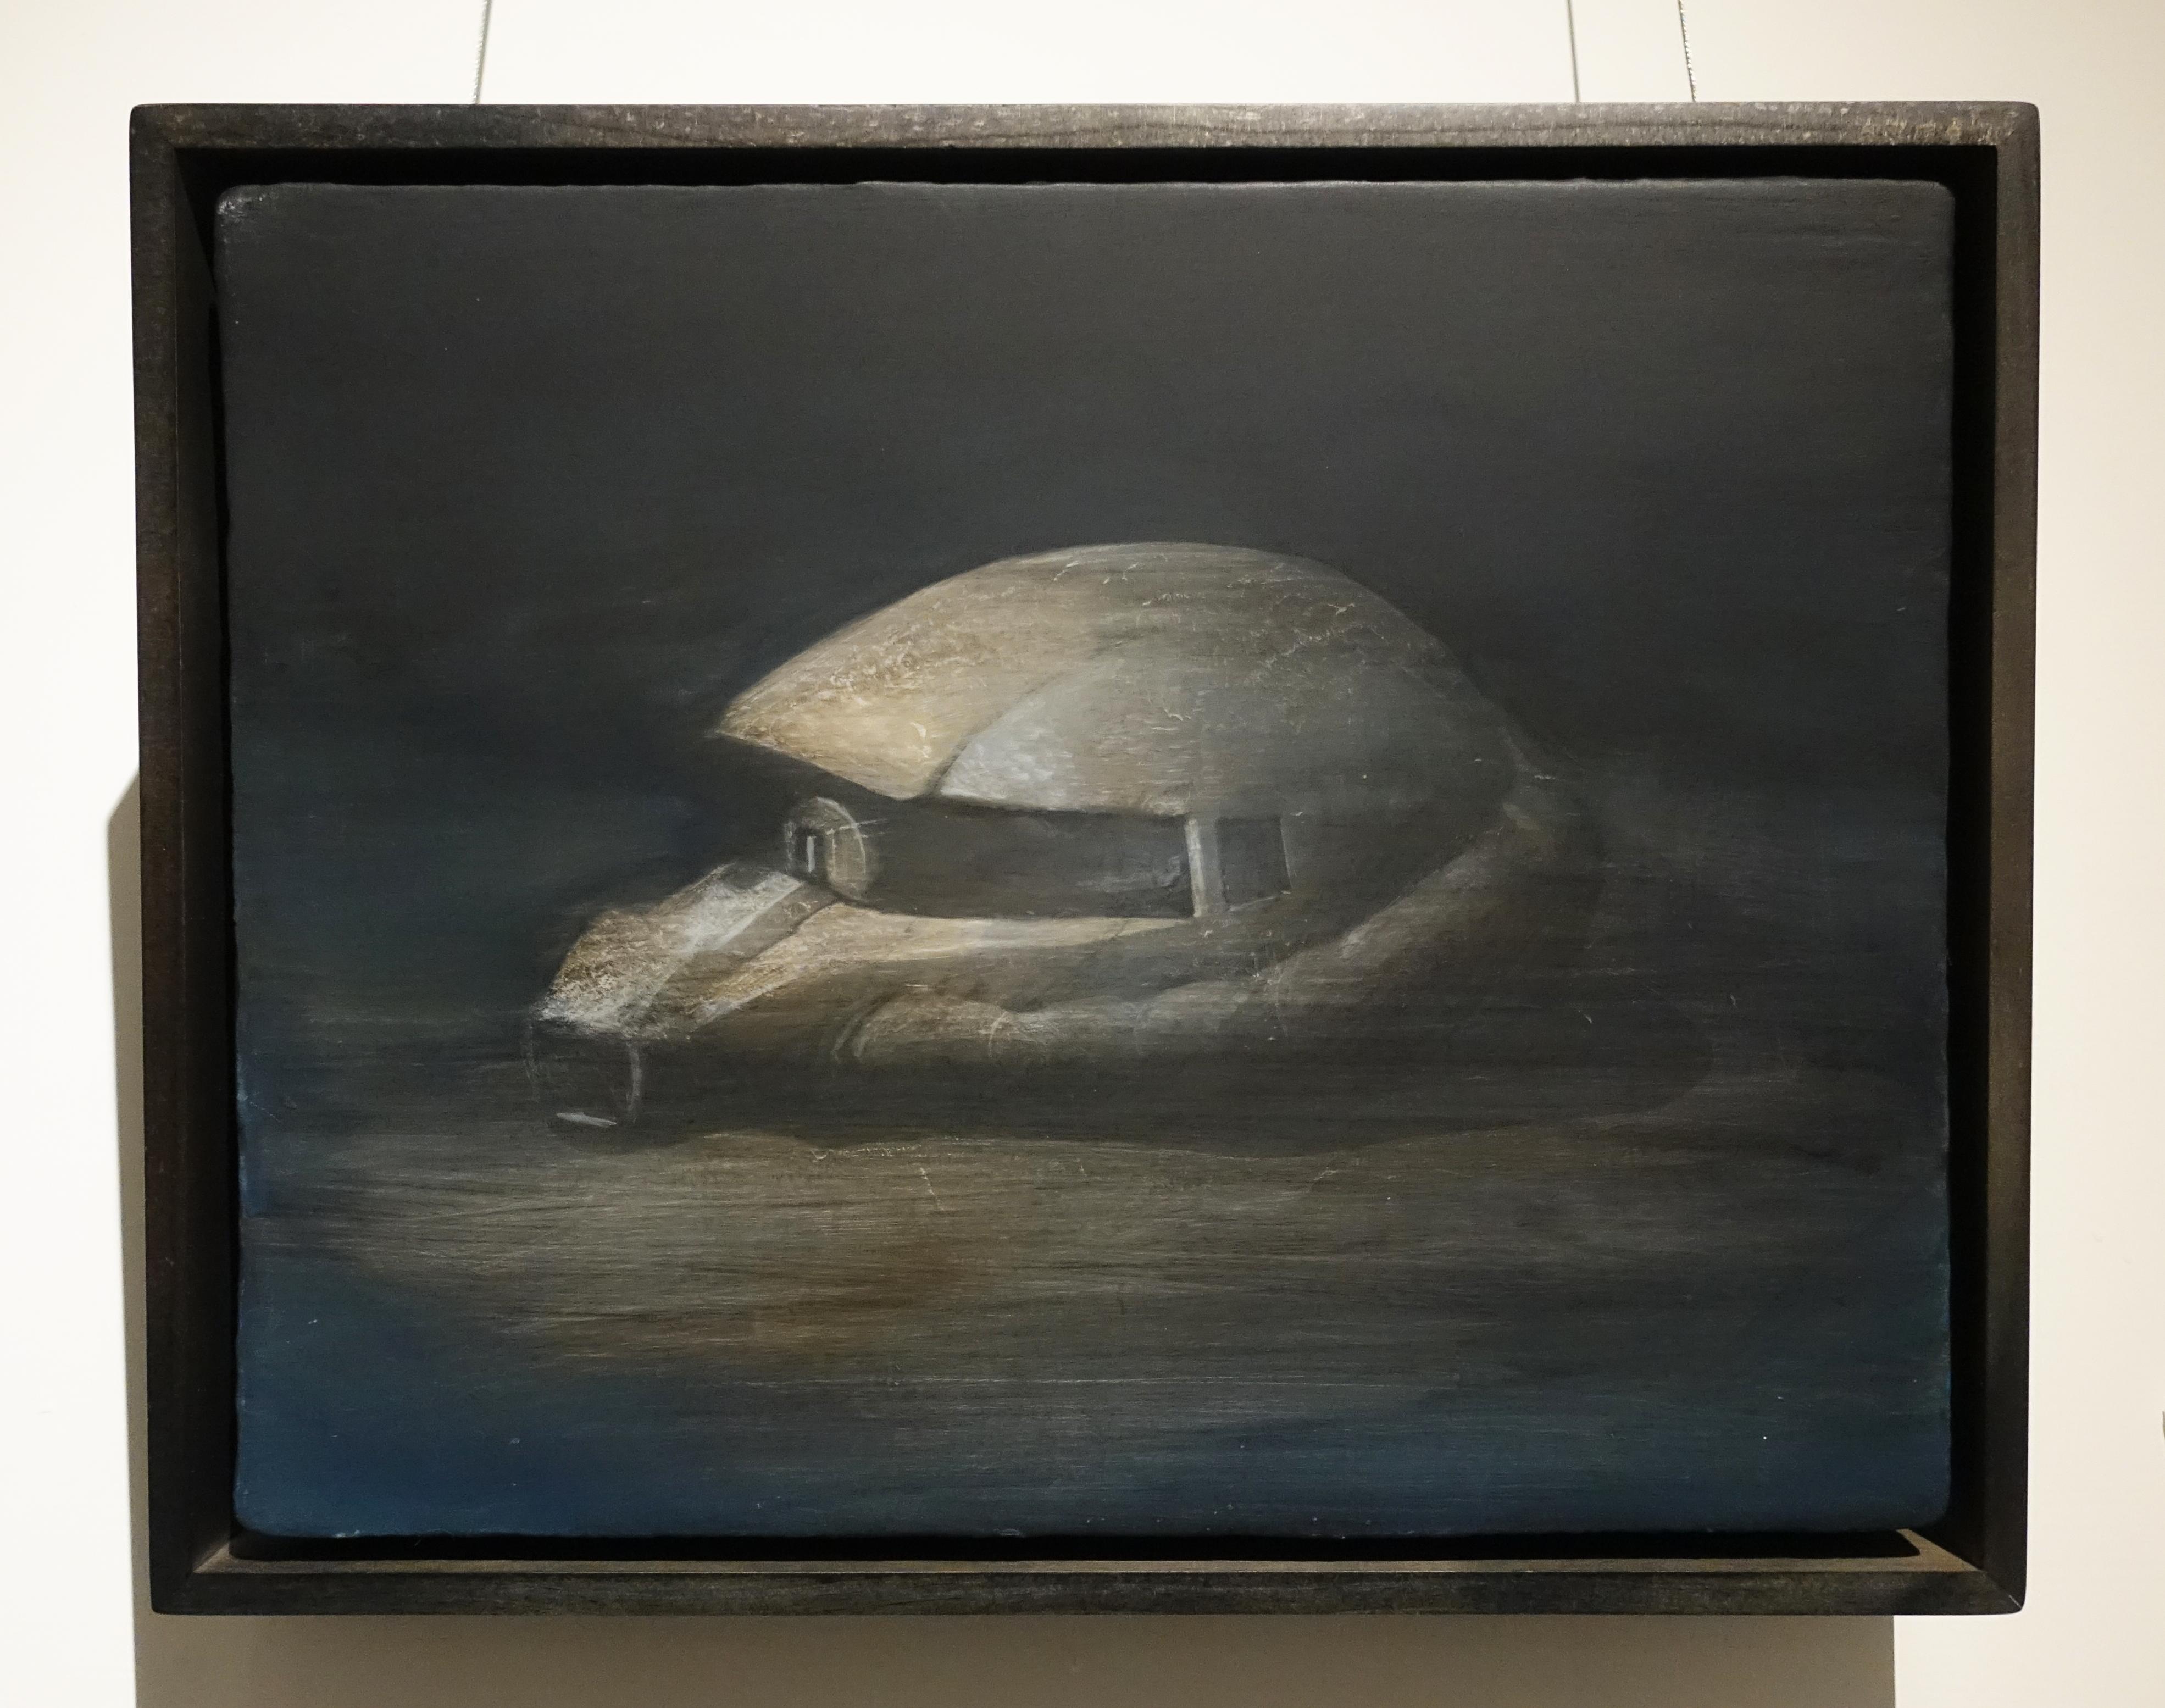 鄭思宇,《獨眼巨人》,35 x 27cm,無酸樹脂、壓克力、畫布,2019。